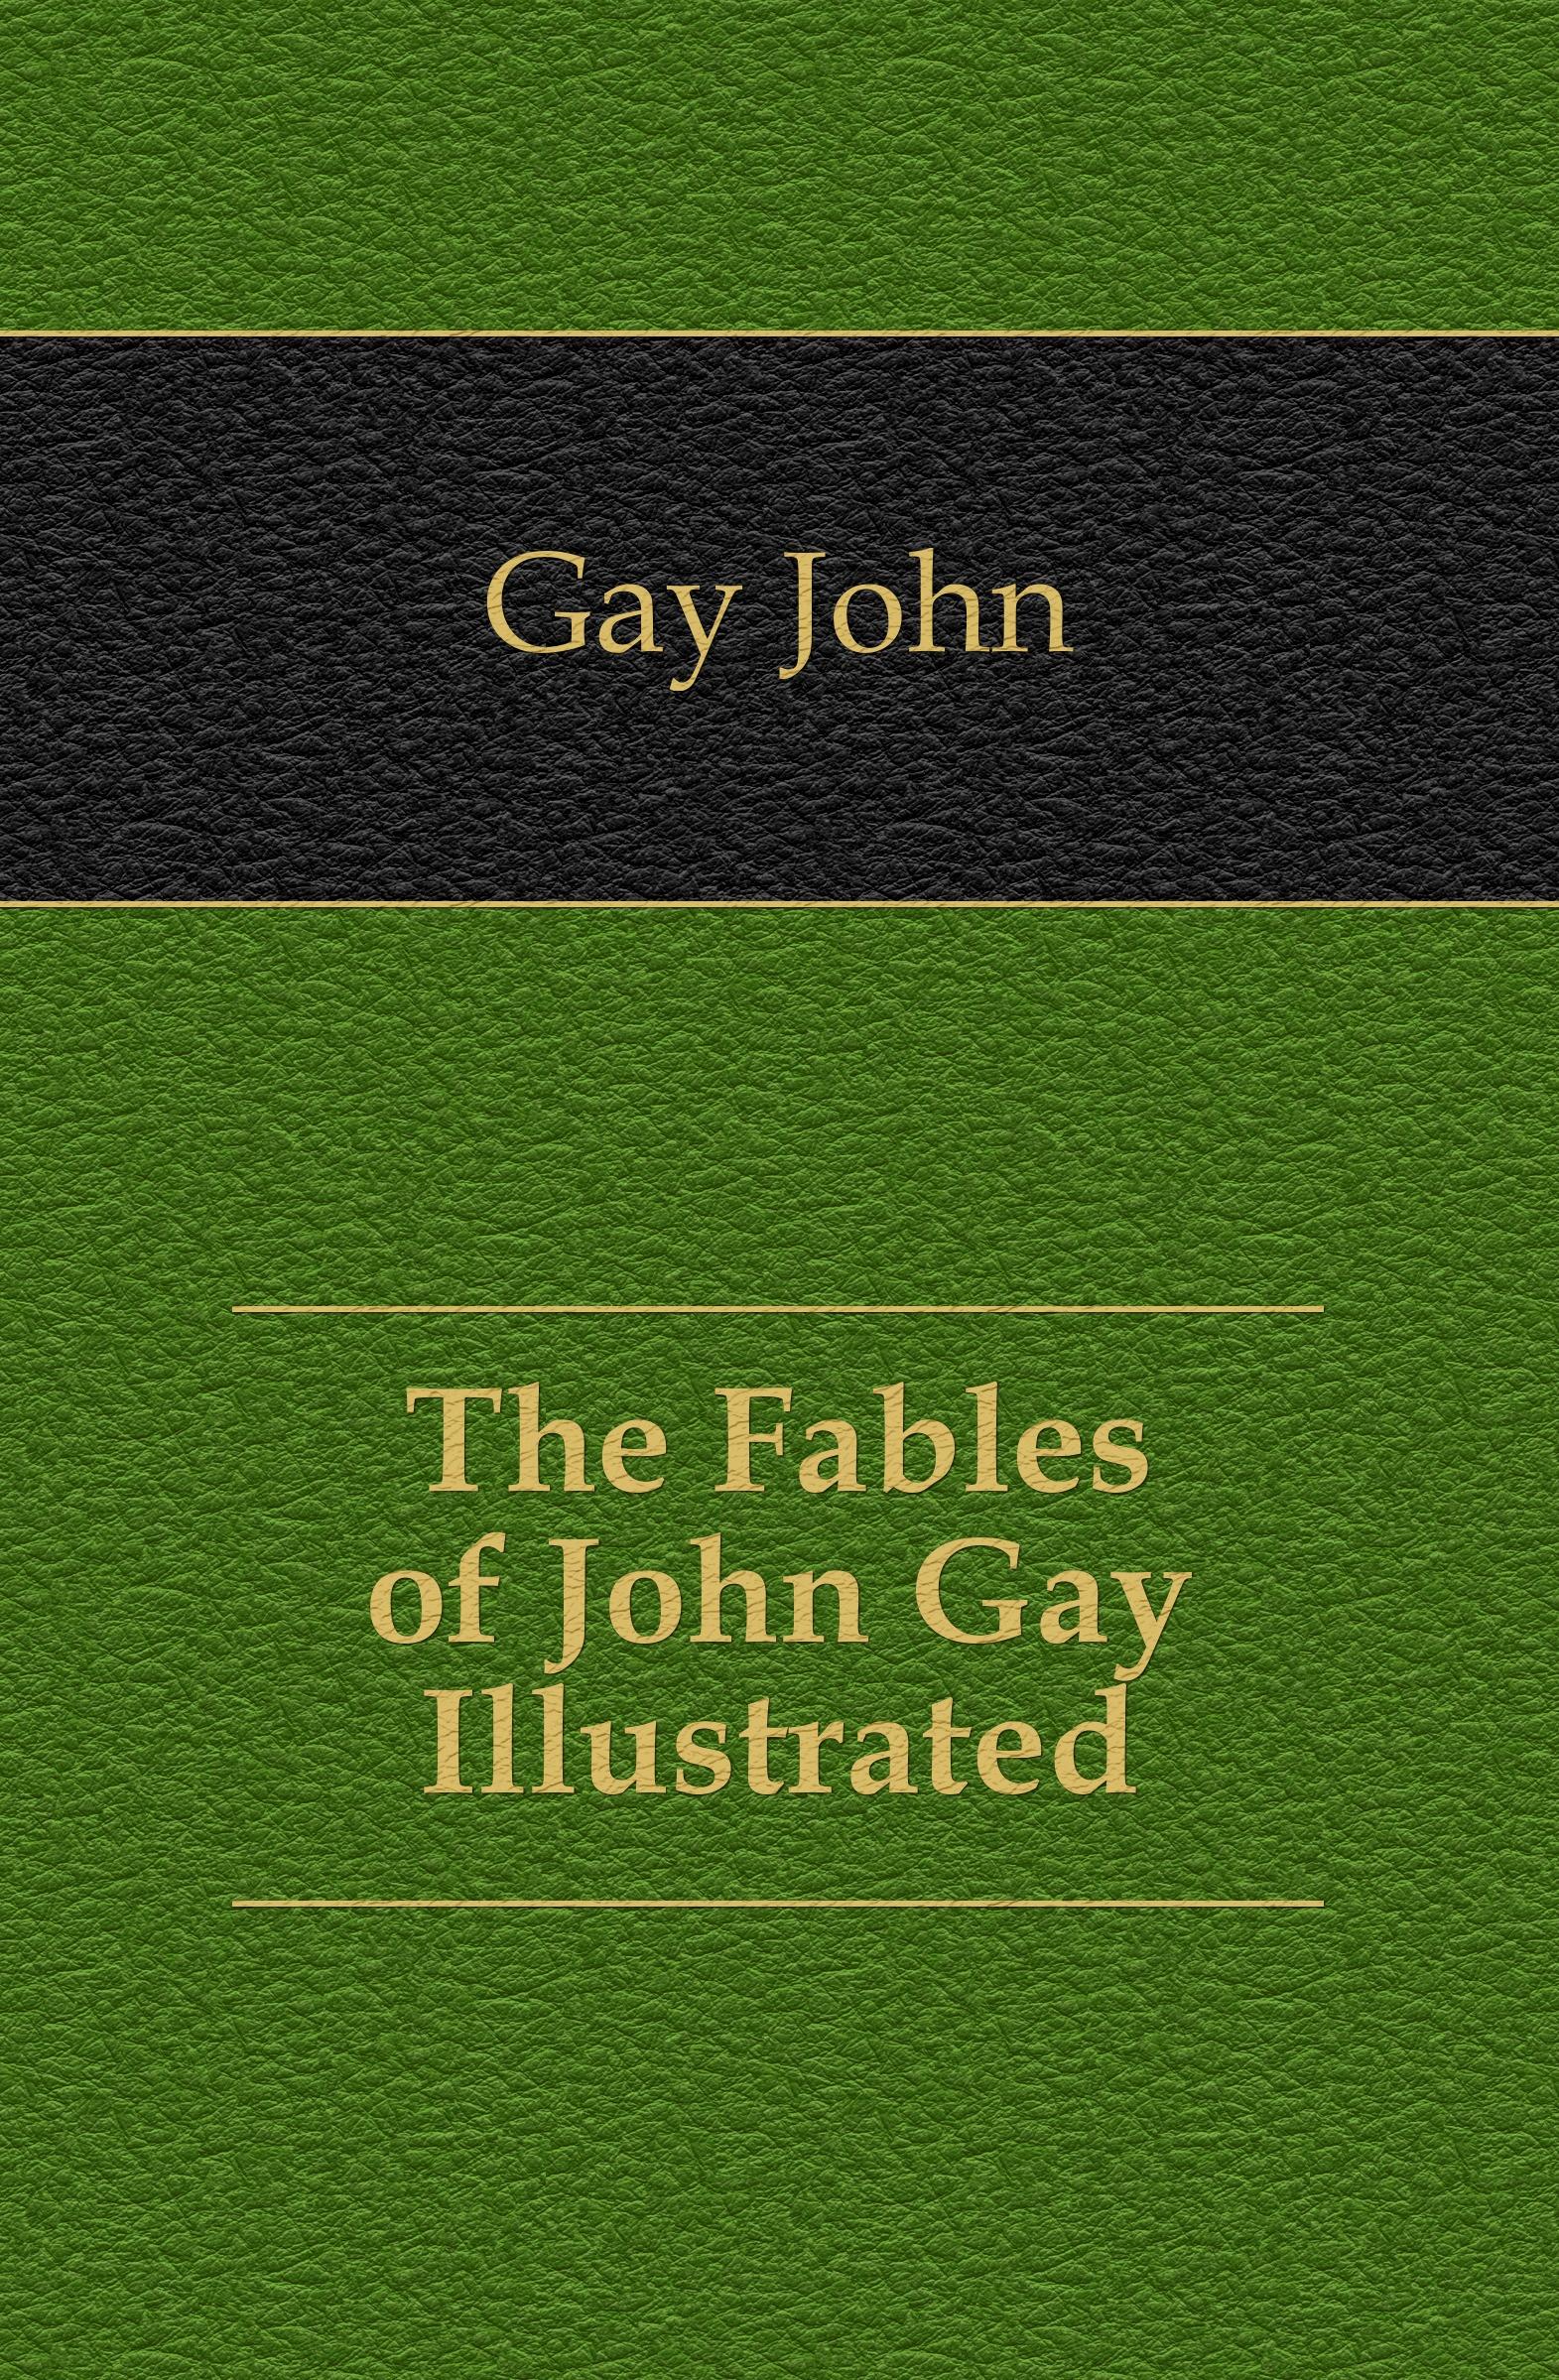 Gay John The Fables of John Gay Illustrated john gay fables